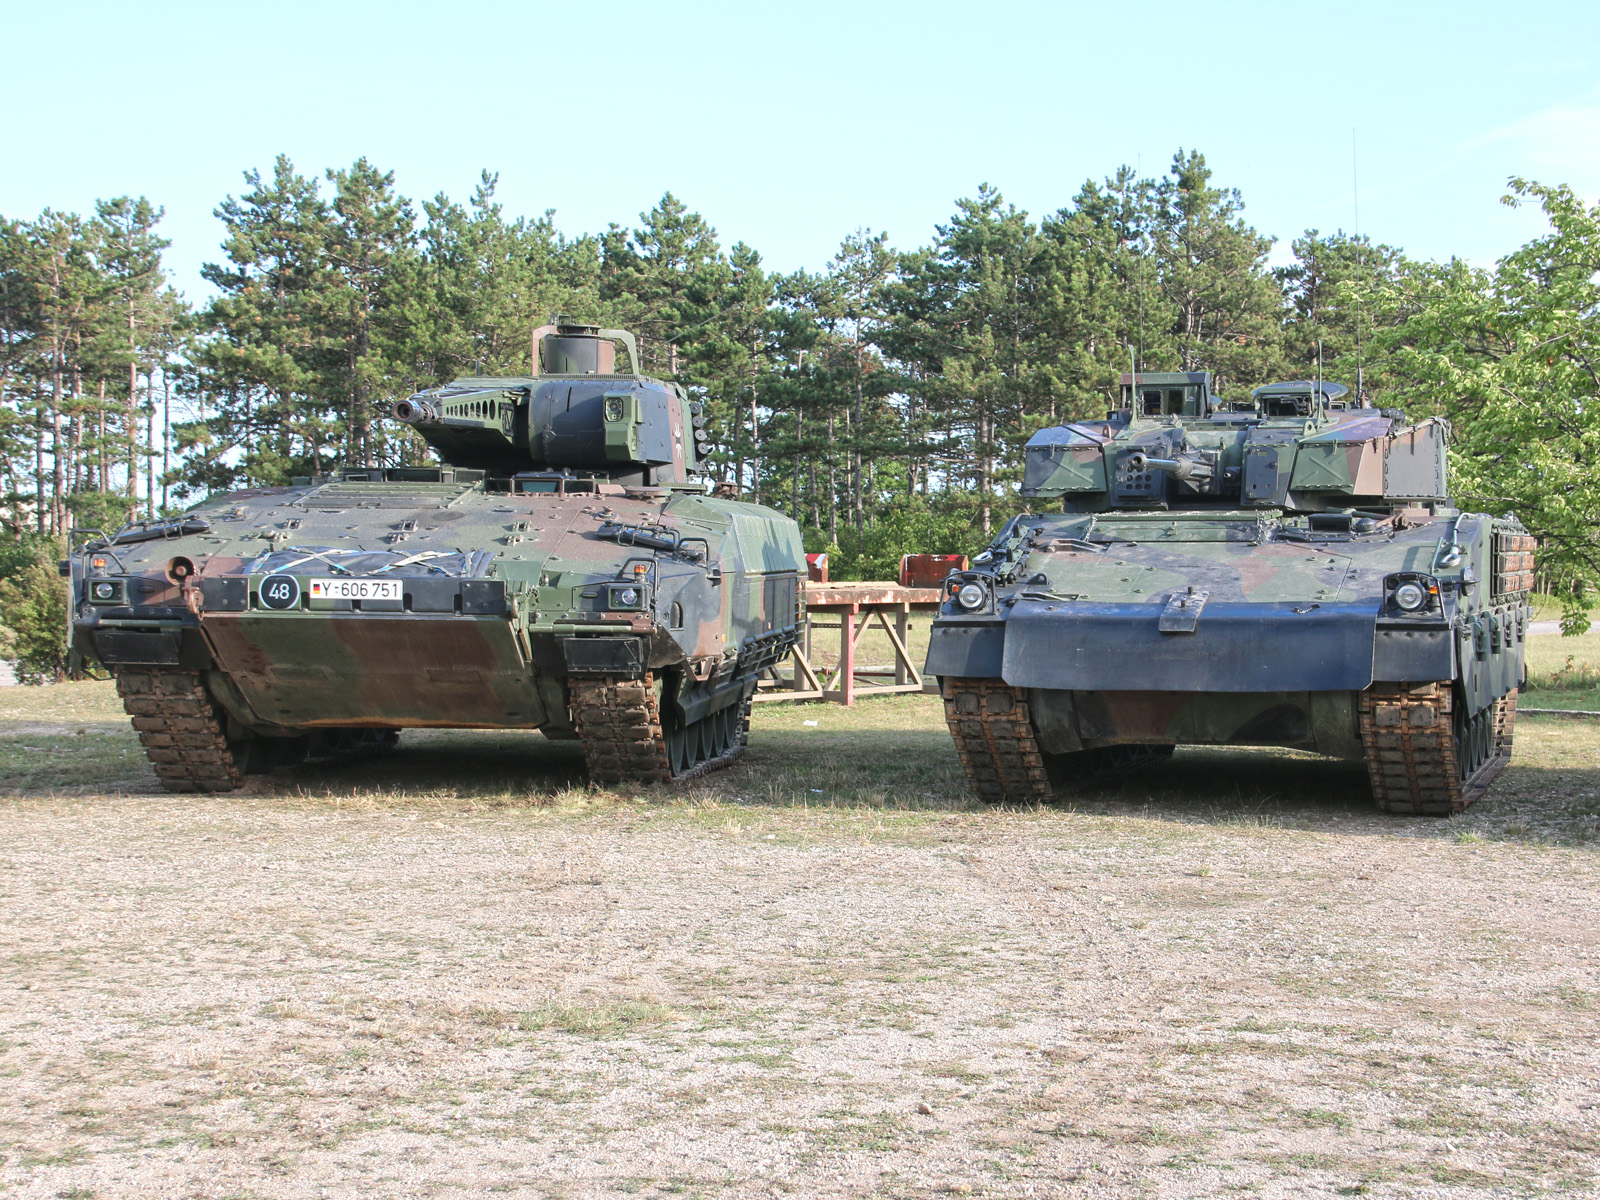 Schützenpanzer Puma und Ulan im Vergleich. Kaum zu glauben, wie eng es im stark geschützten Puma zugeht - trotz des fehlenden Turmkorbs und 2 Sitzplätzen weniger bietet der Ulan viel mehr Platz © Doppeladler.com